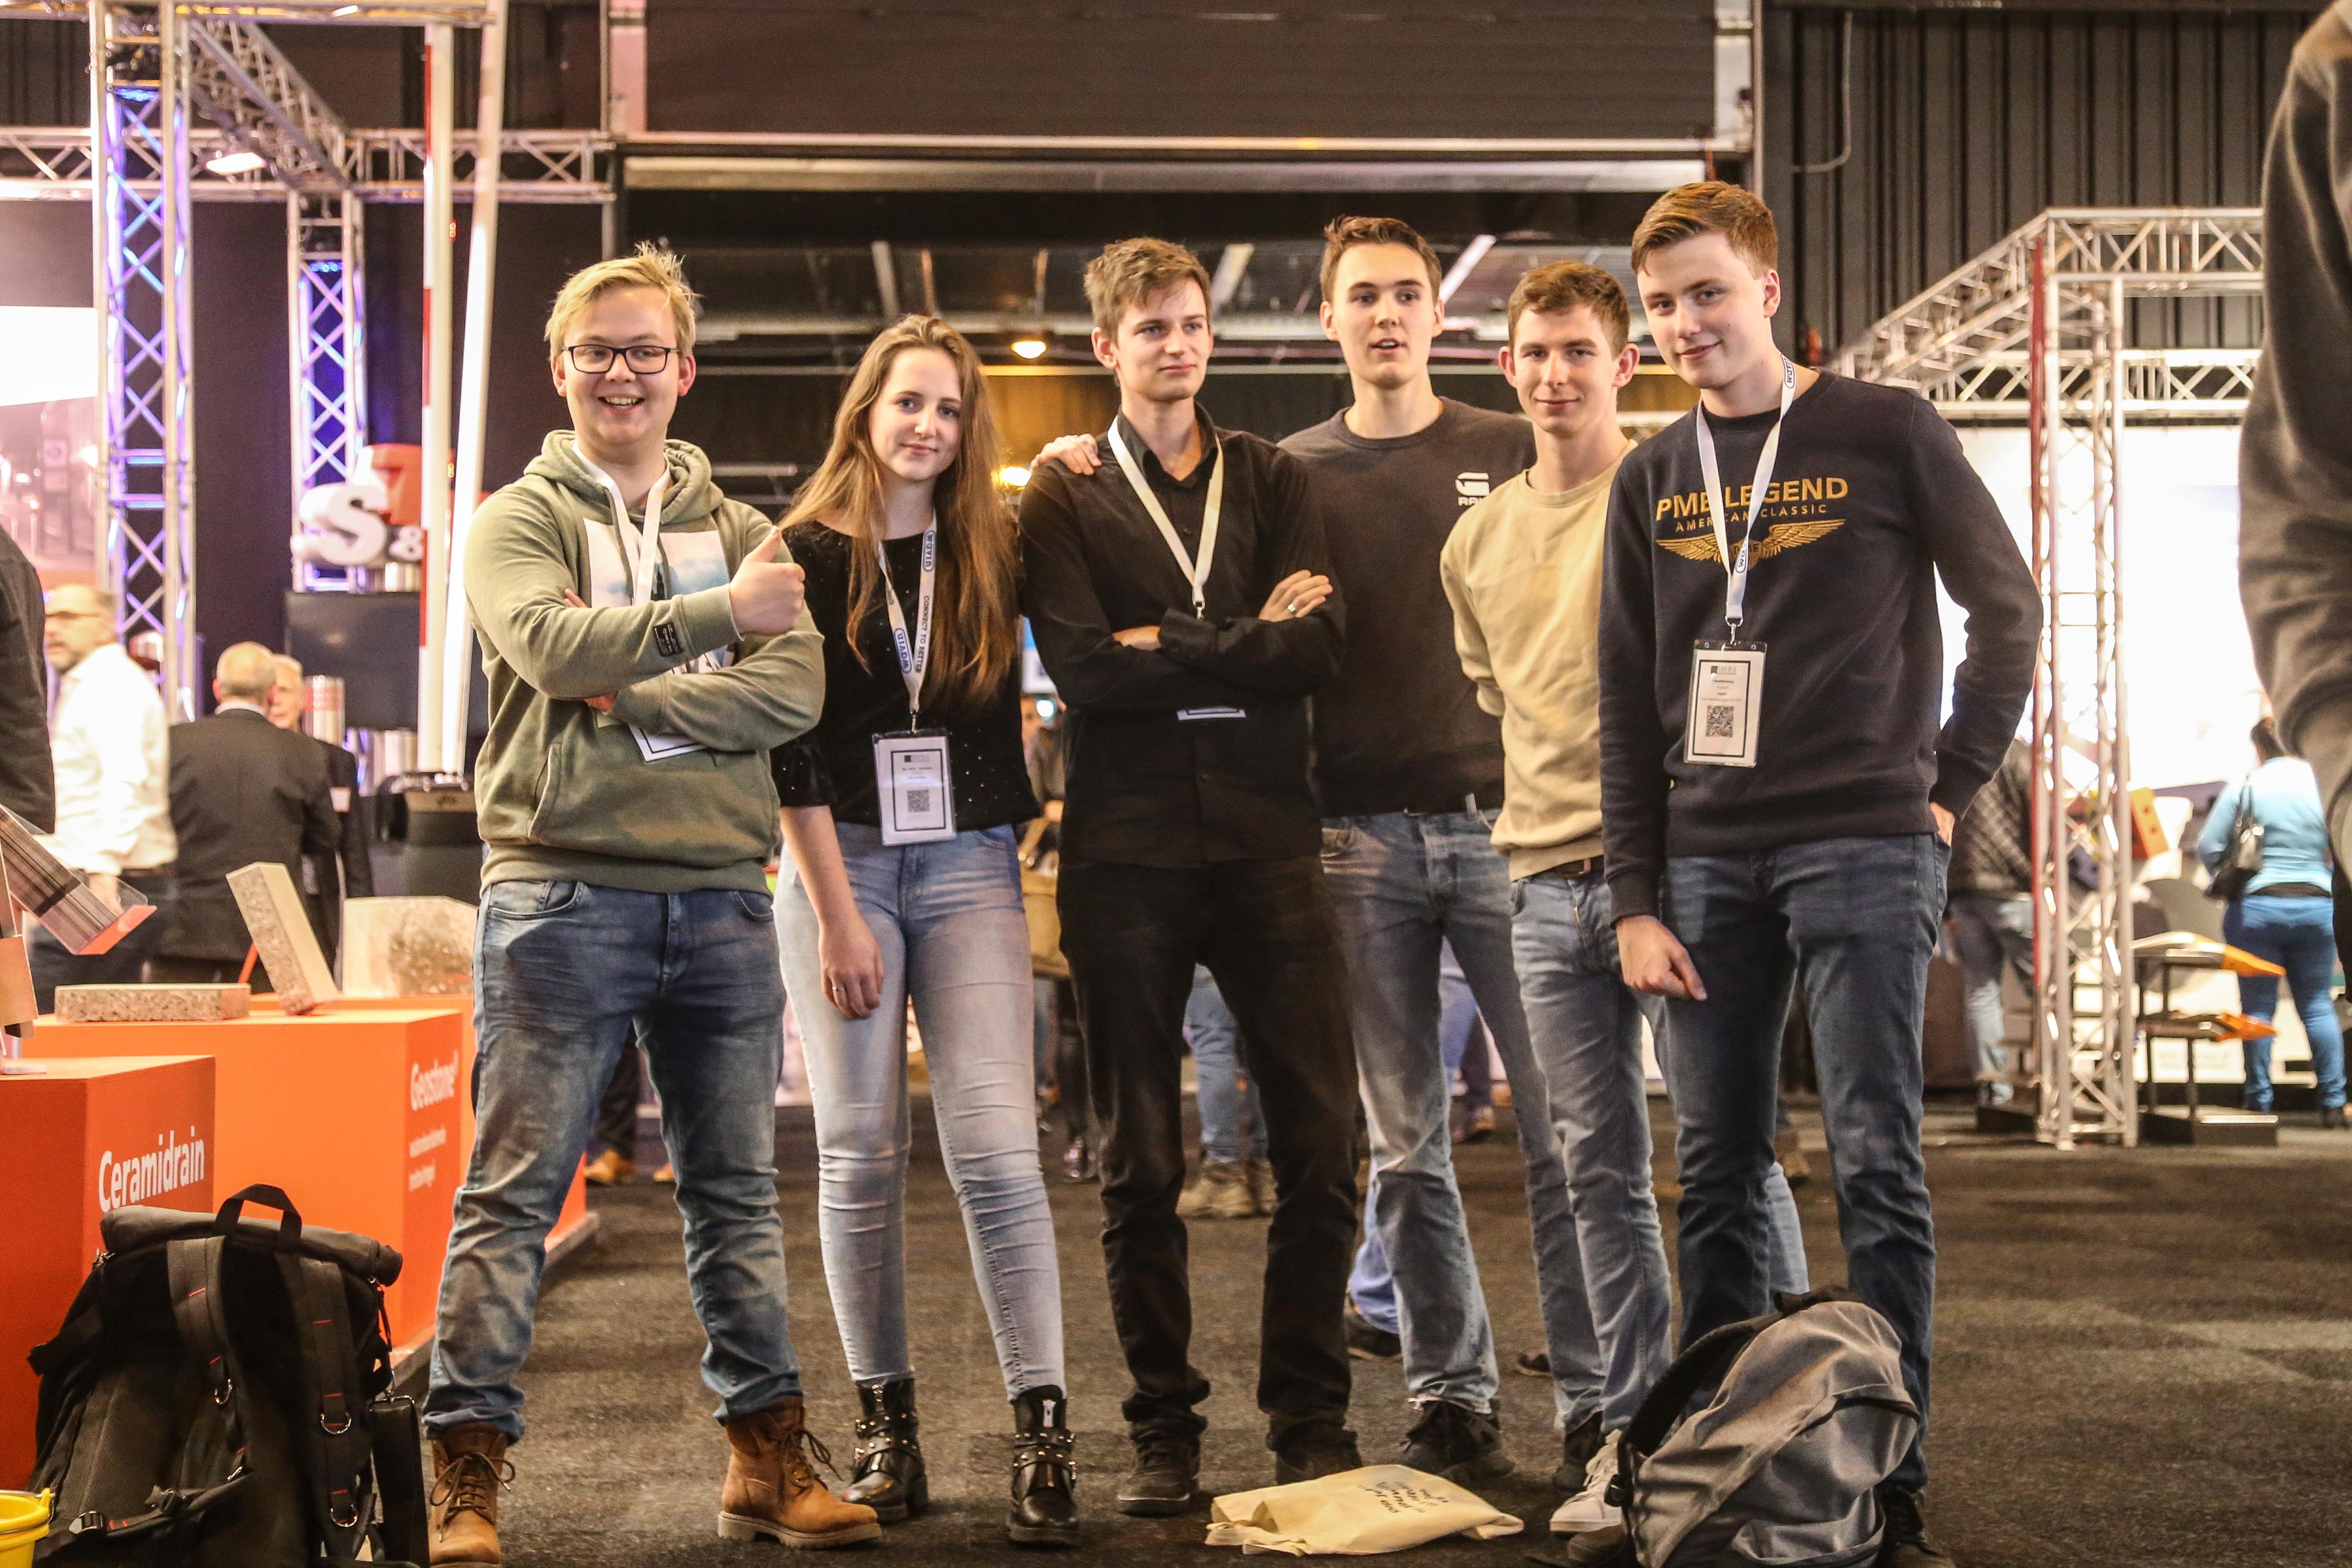 <p>Voor deze groep (Matthias, Marik, Marion, Thomas, Janick en Joppe) studenten Civiele Techniek aan het Windesheim in Zwolle is een bezoek aan de Infra Relatiedagen een vast onderdeel van de opleiding. Ze vinden de beurs interessant, maar zijn ook kritisch: 'Veel stands zijn alleen gericht op het verkopen van een product.'</p>